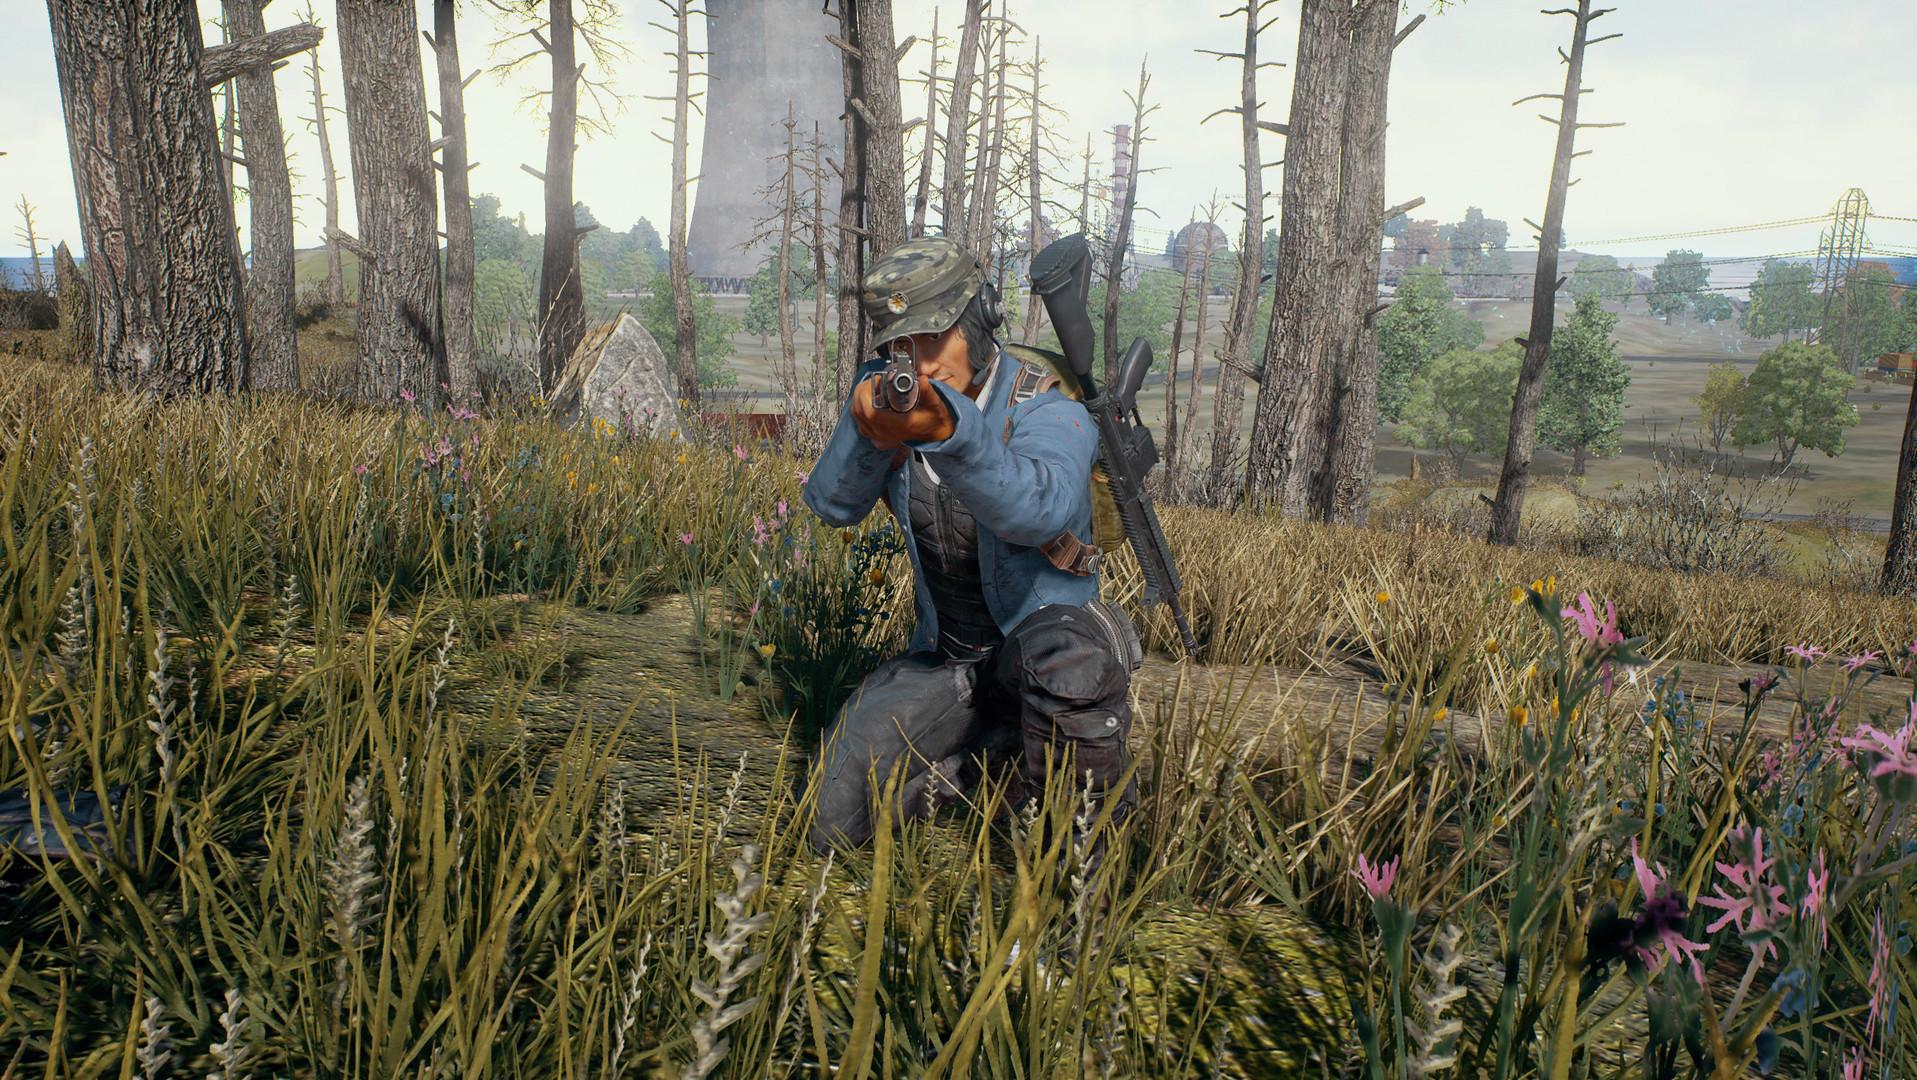 Dans PlayerUnknown's Battlegrounds, vous tenterez d'être le dernier joueur vivant dans un grand terrain de jeu sanglant.